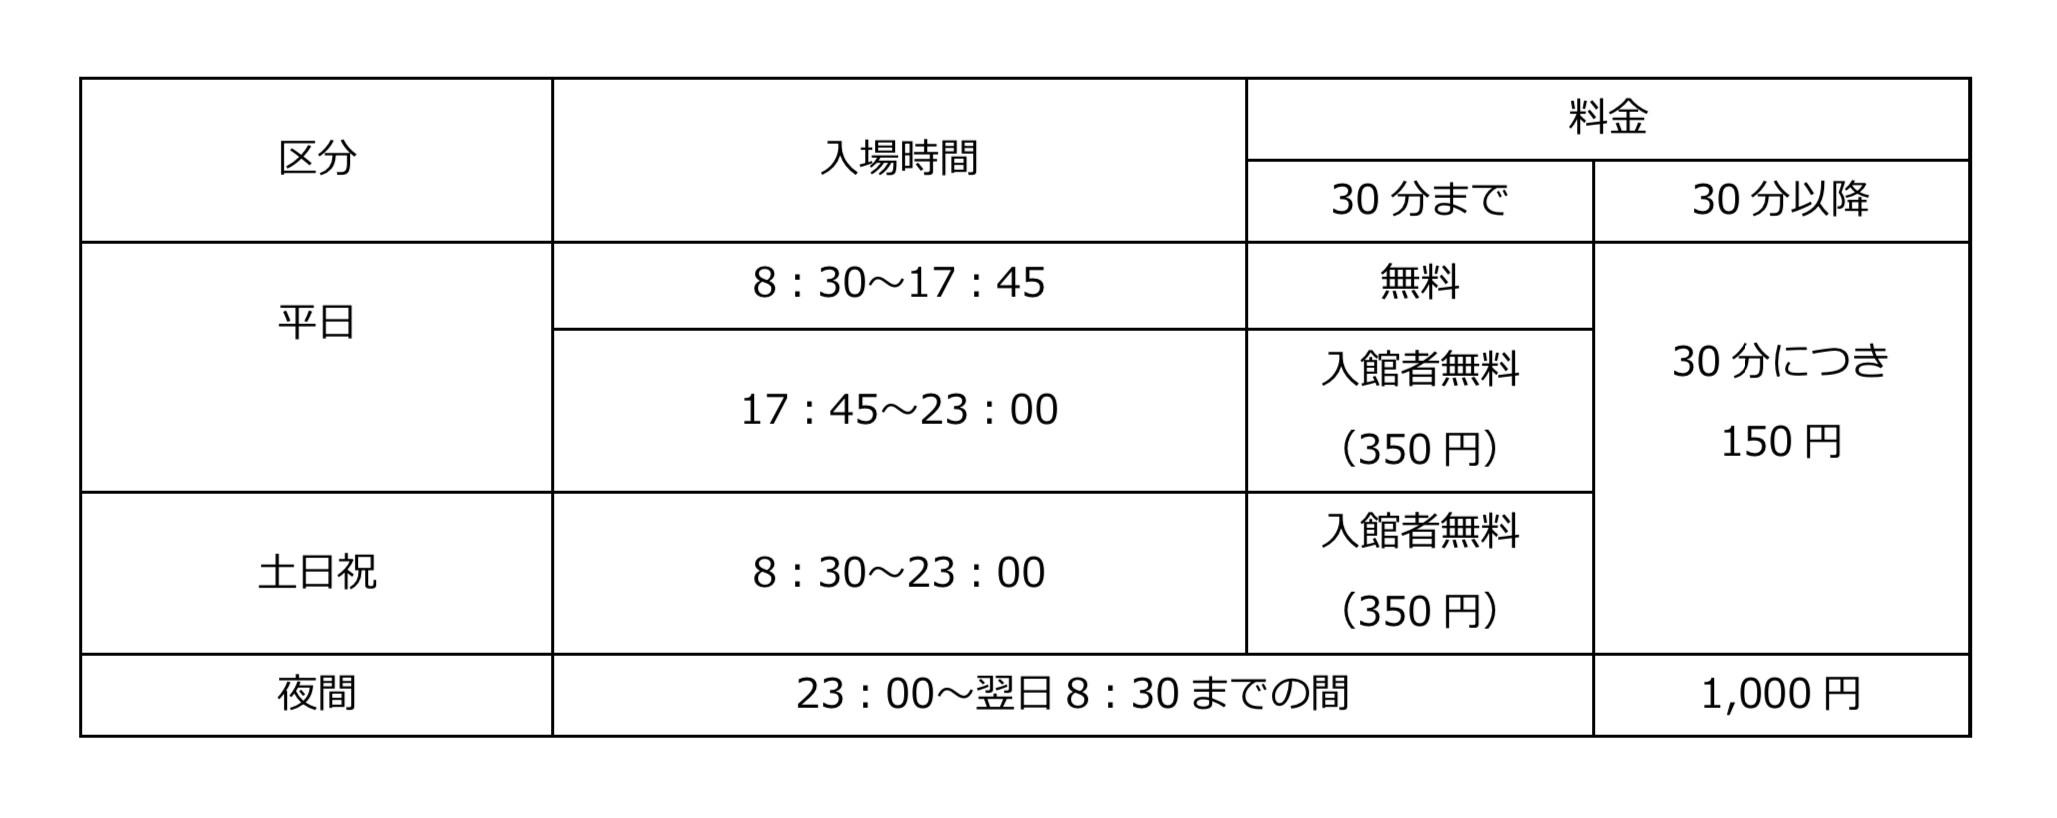 金沢市役所・美術館駐車場の料金